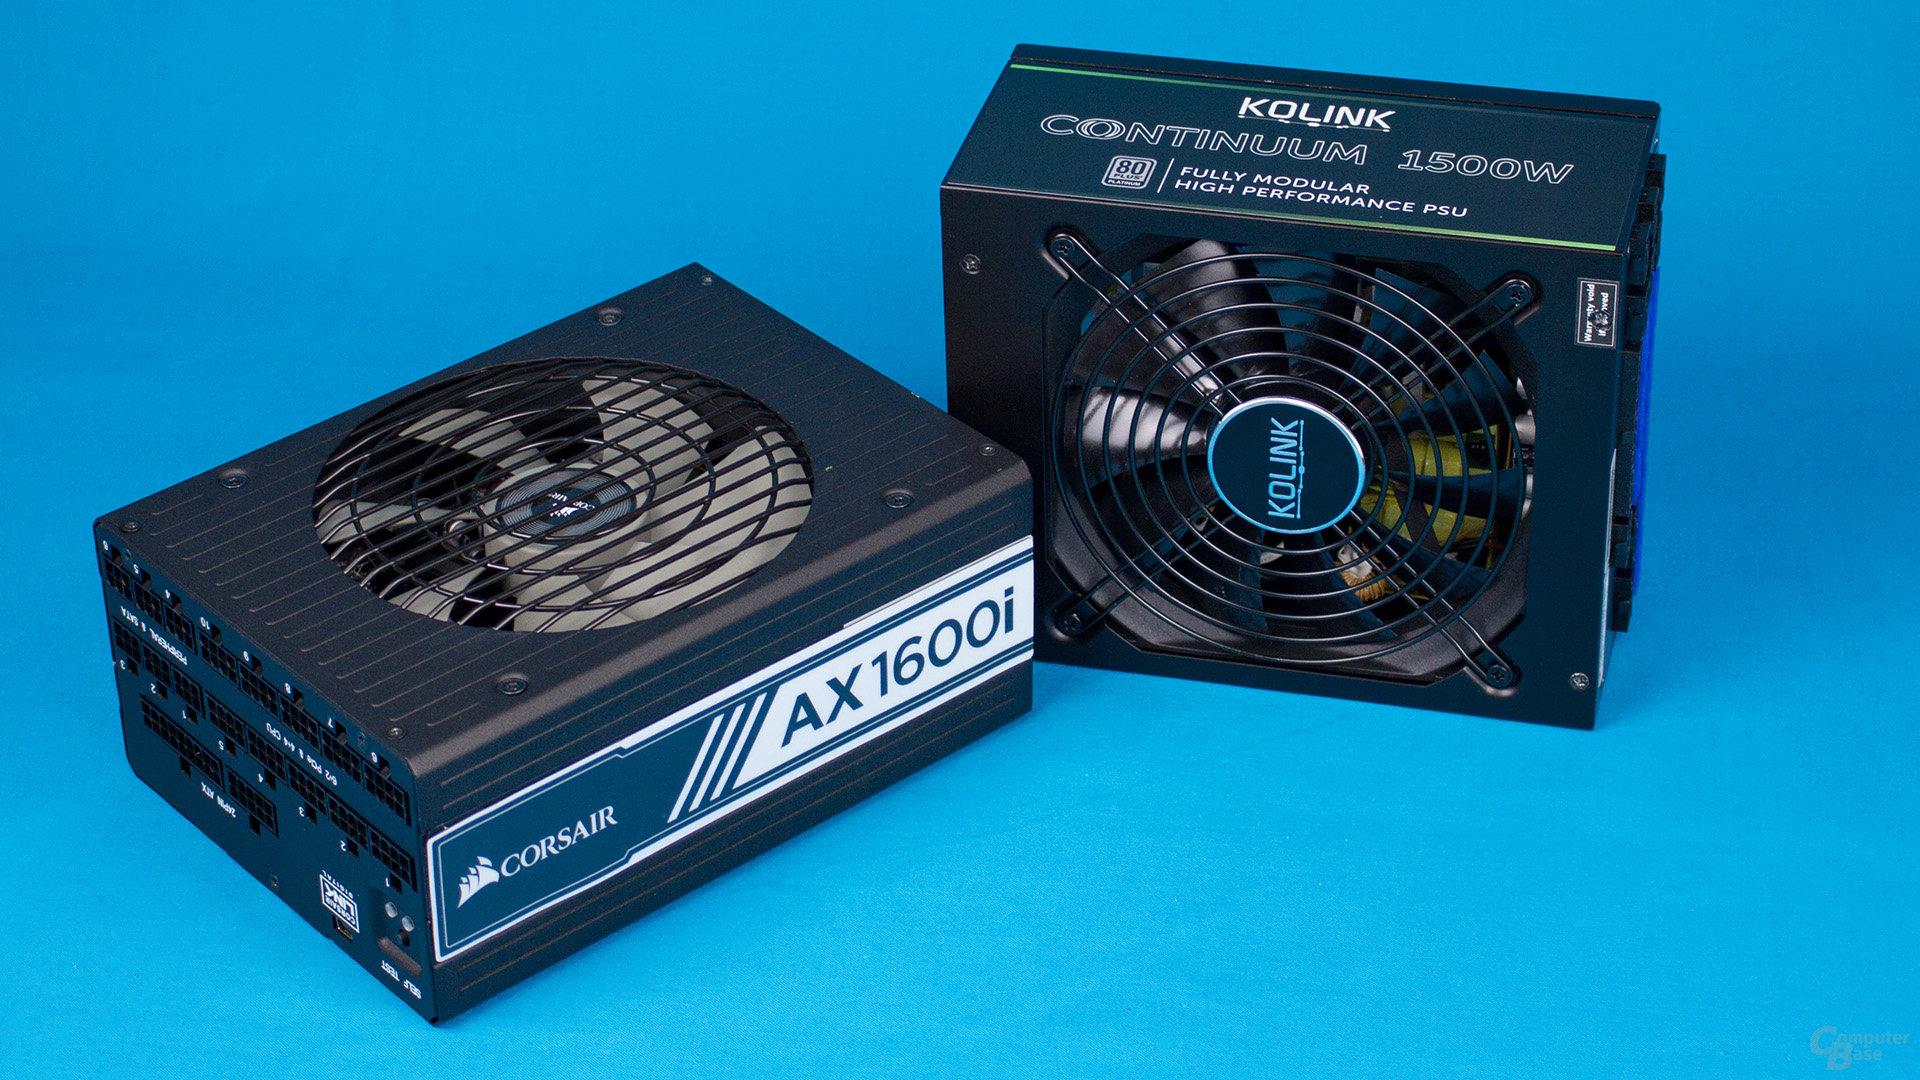 Hochleistungs-Netzteile im Test – Corsair AX1600i & Kolink 1500W am Leistungslimit